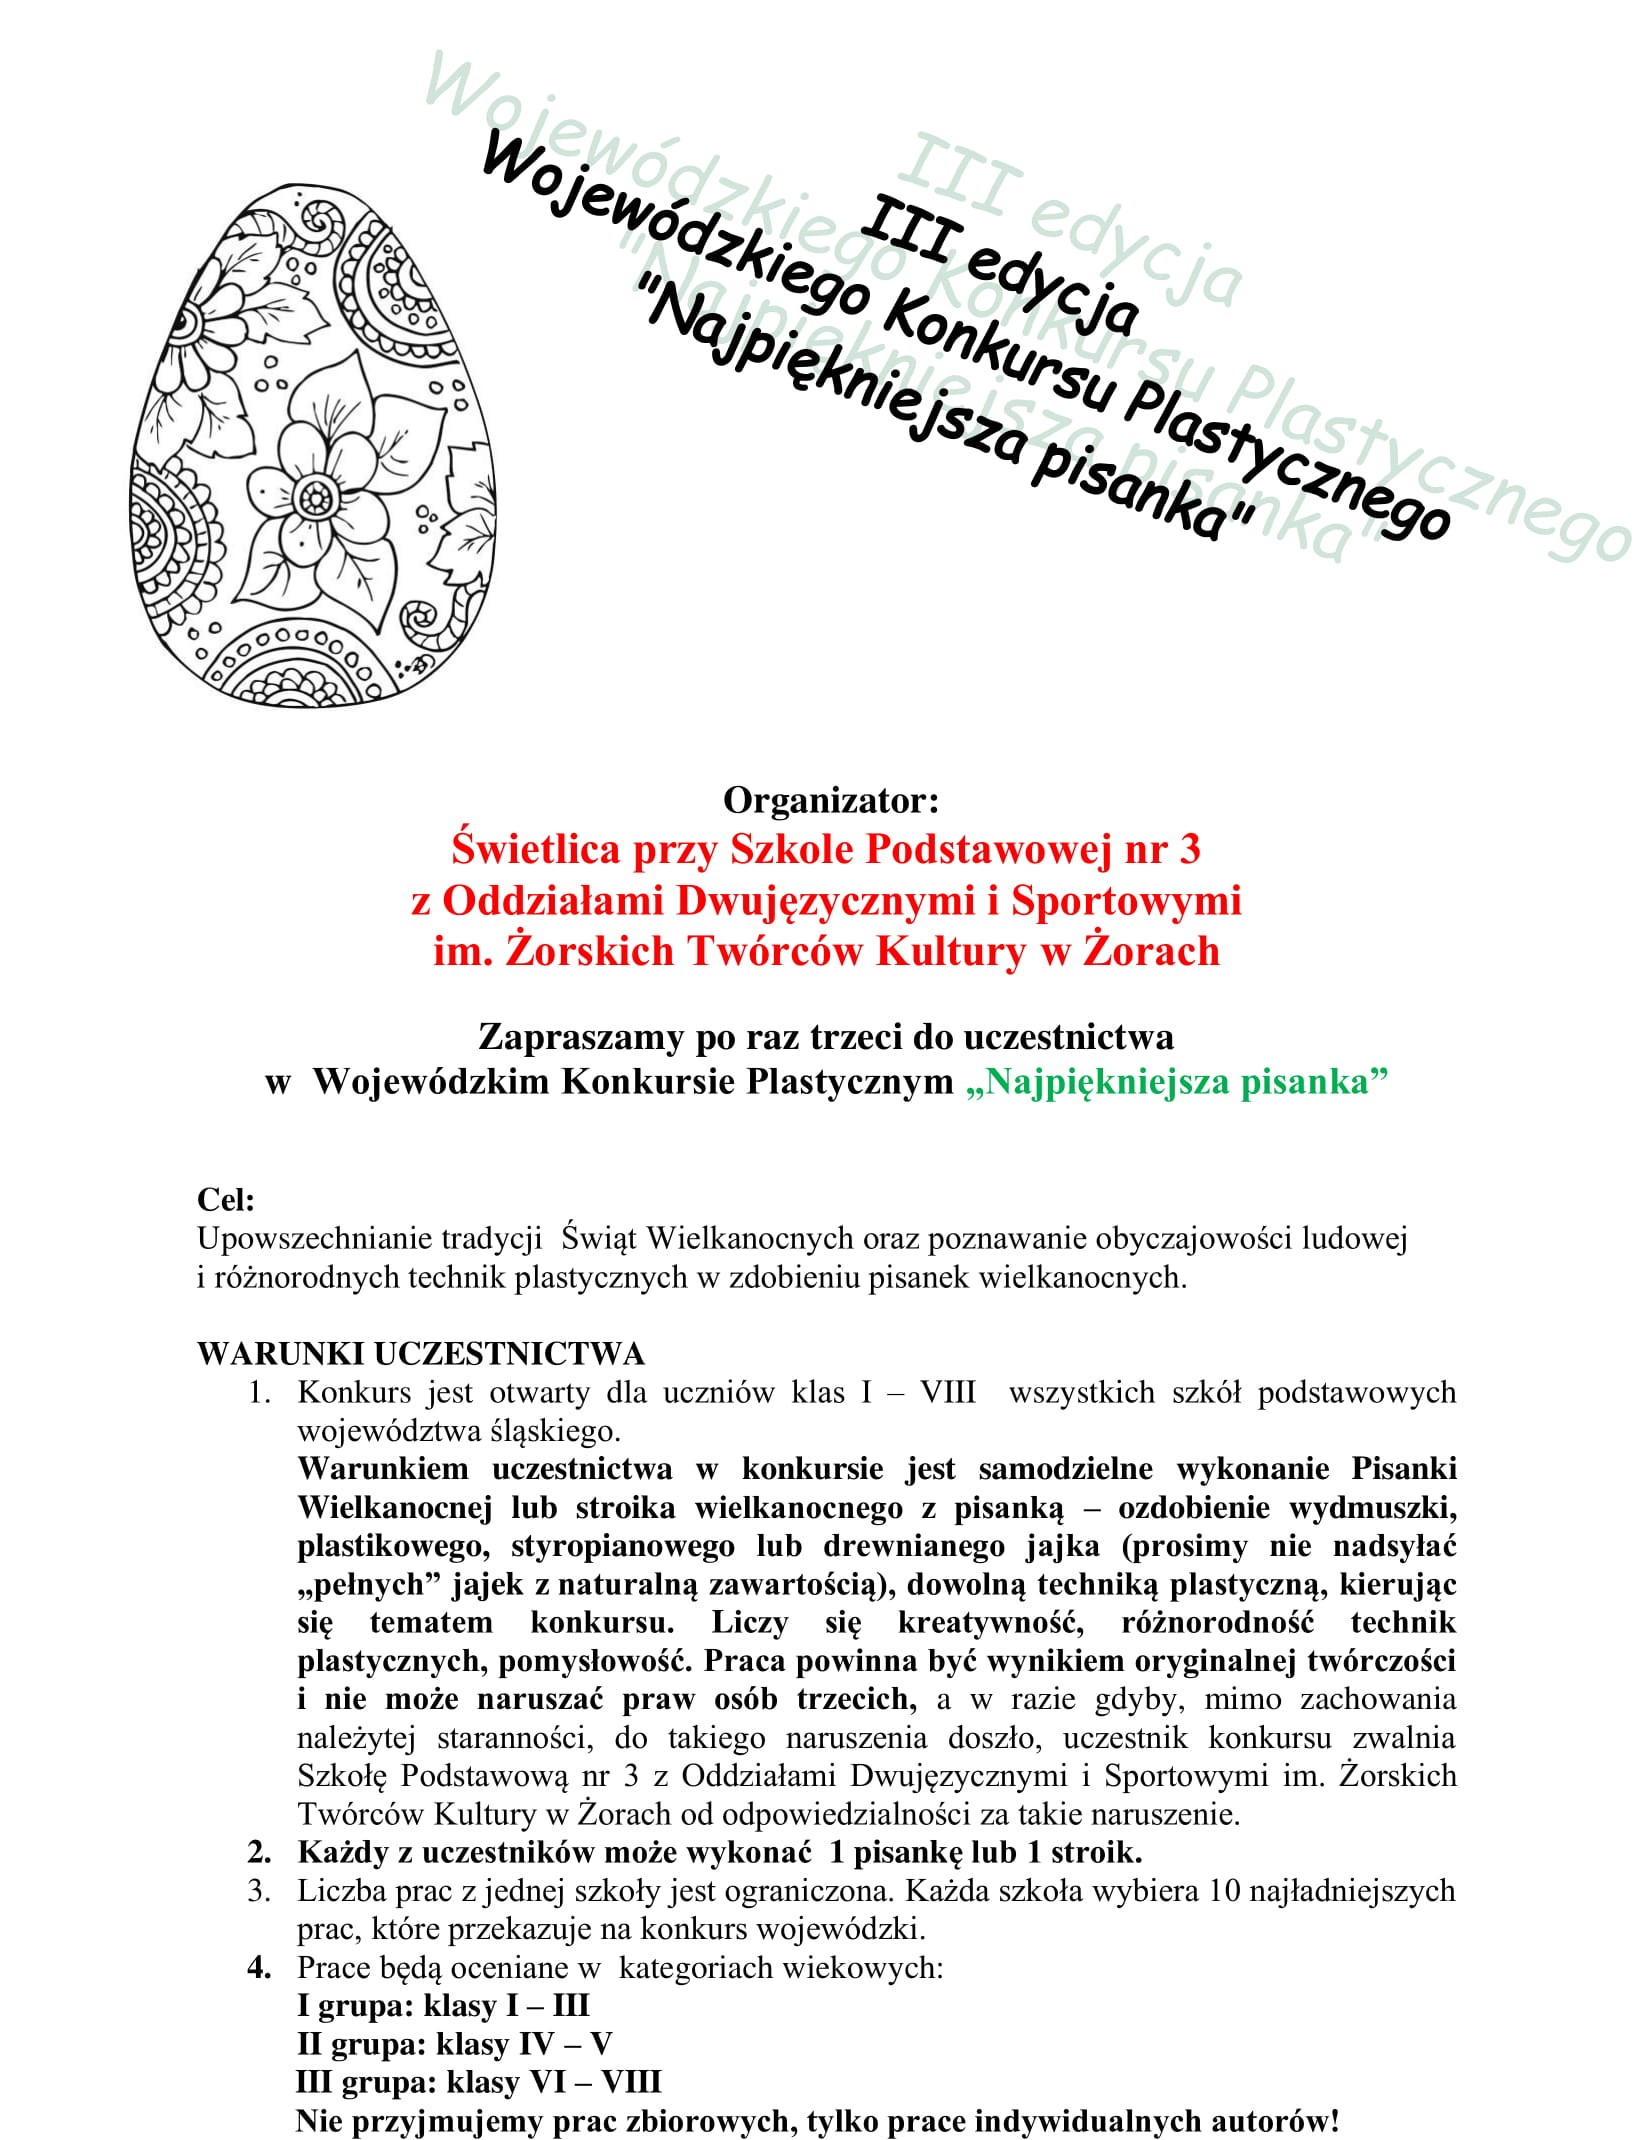 Regulamin Wojewódzkiego konursu plastycznego Najpiękniejsza pisanka do szkoły-1